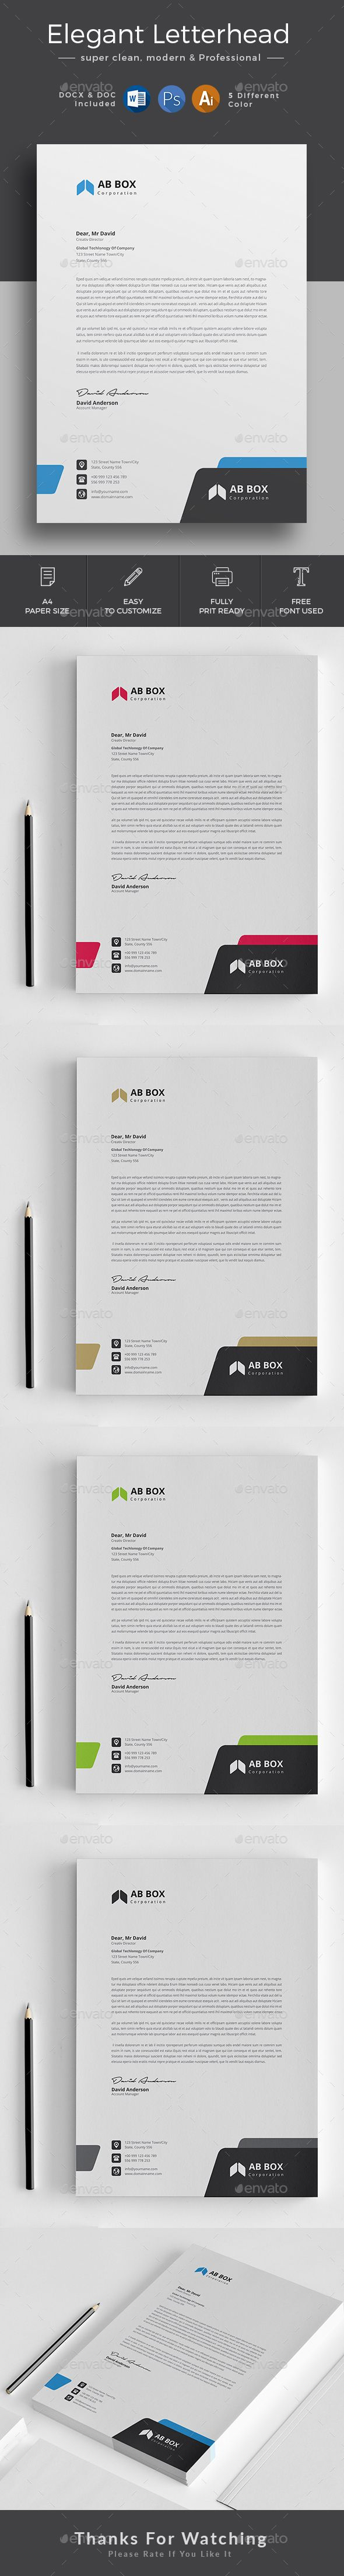 customize letterhead